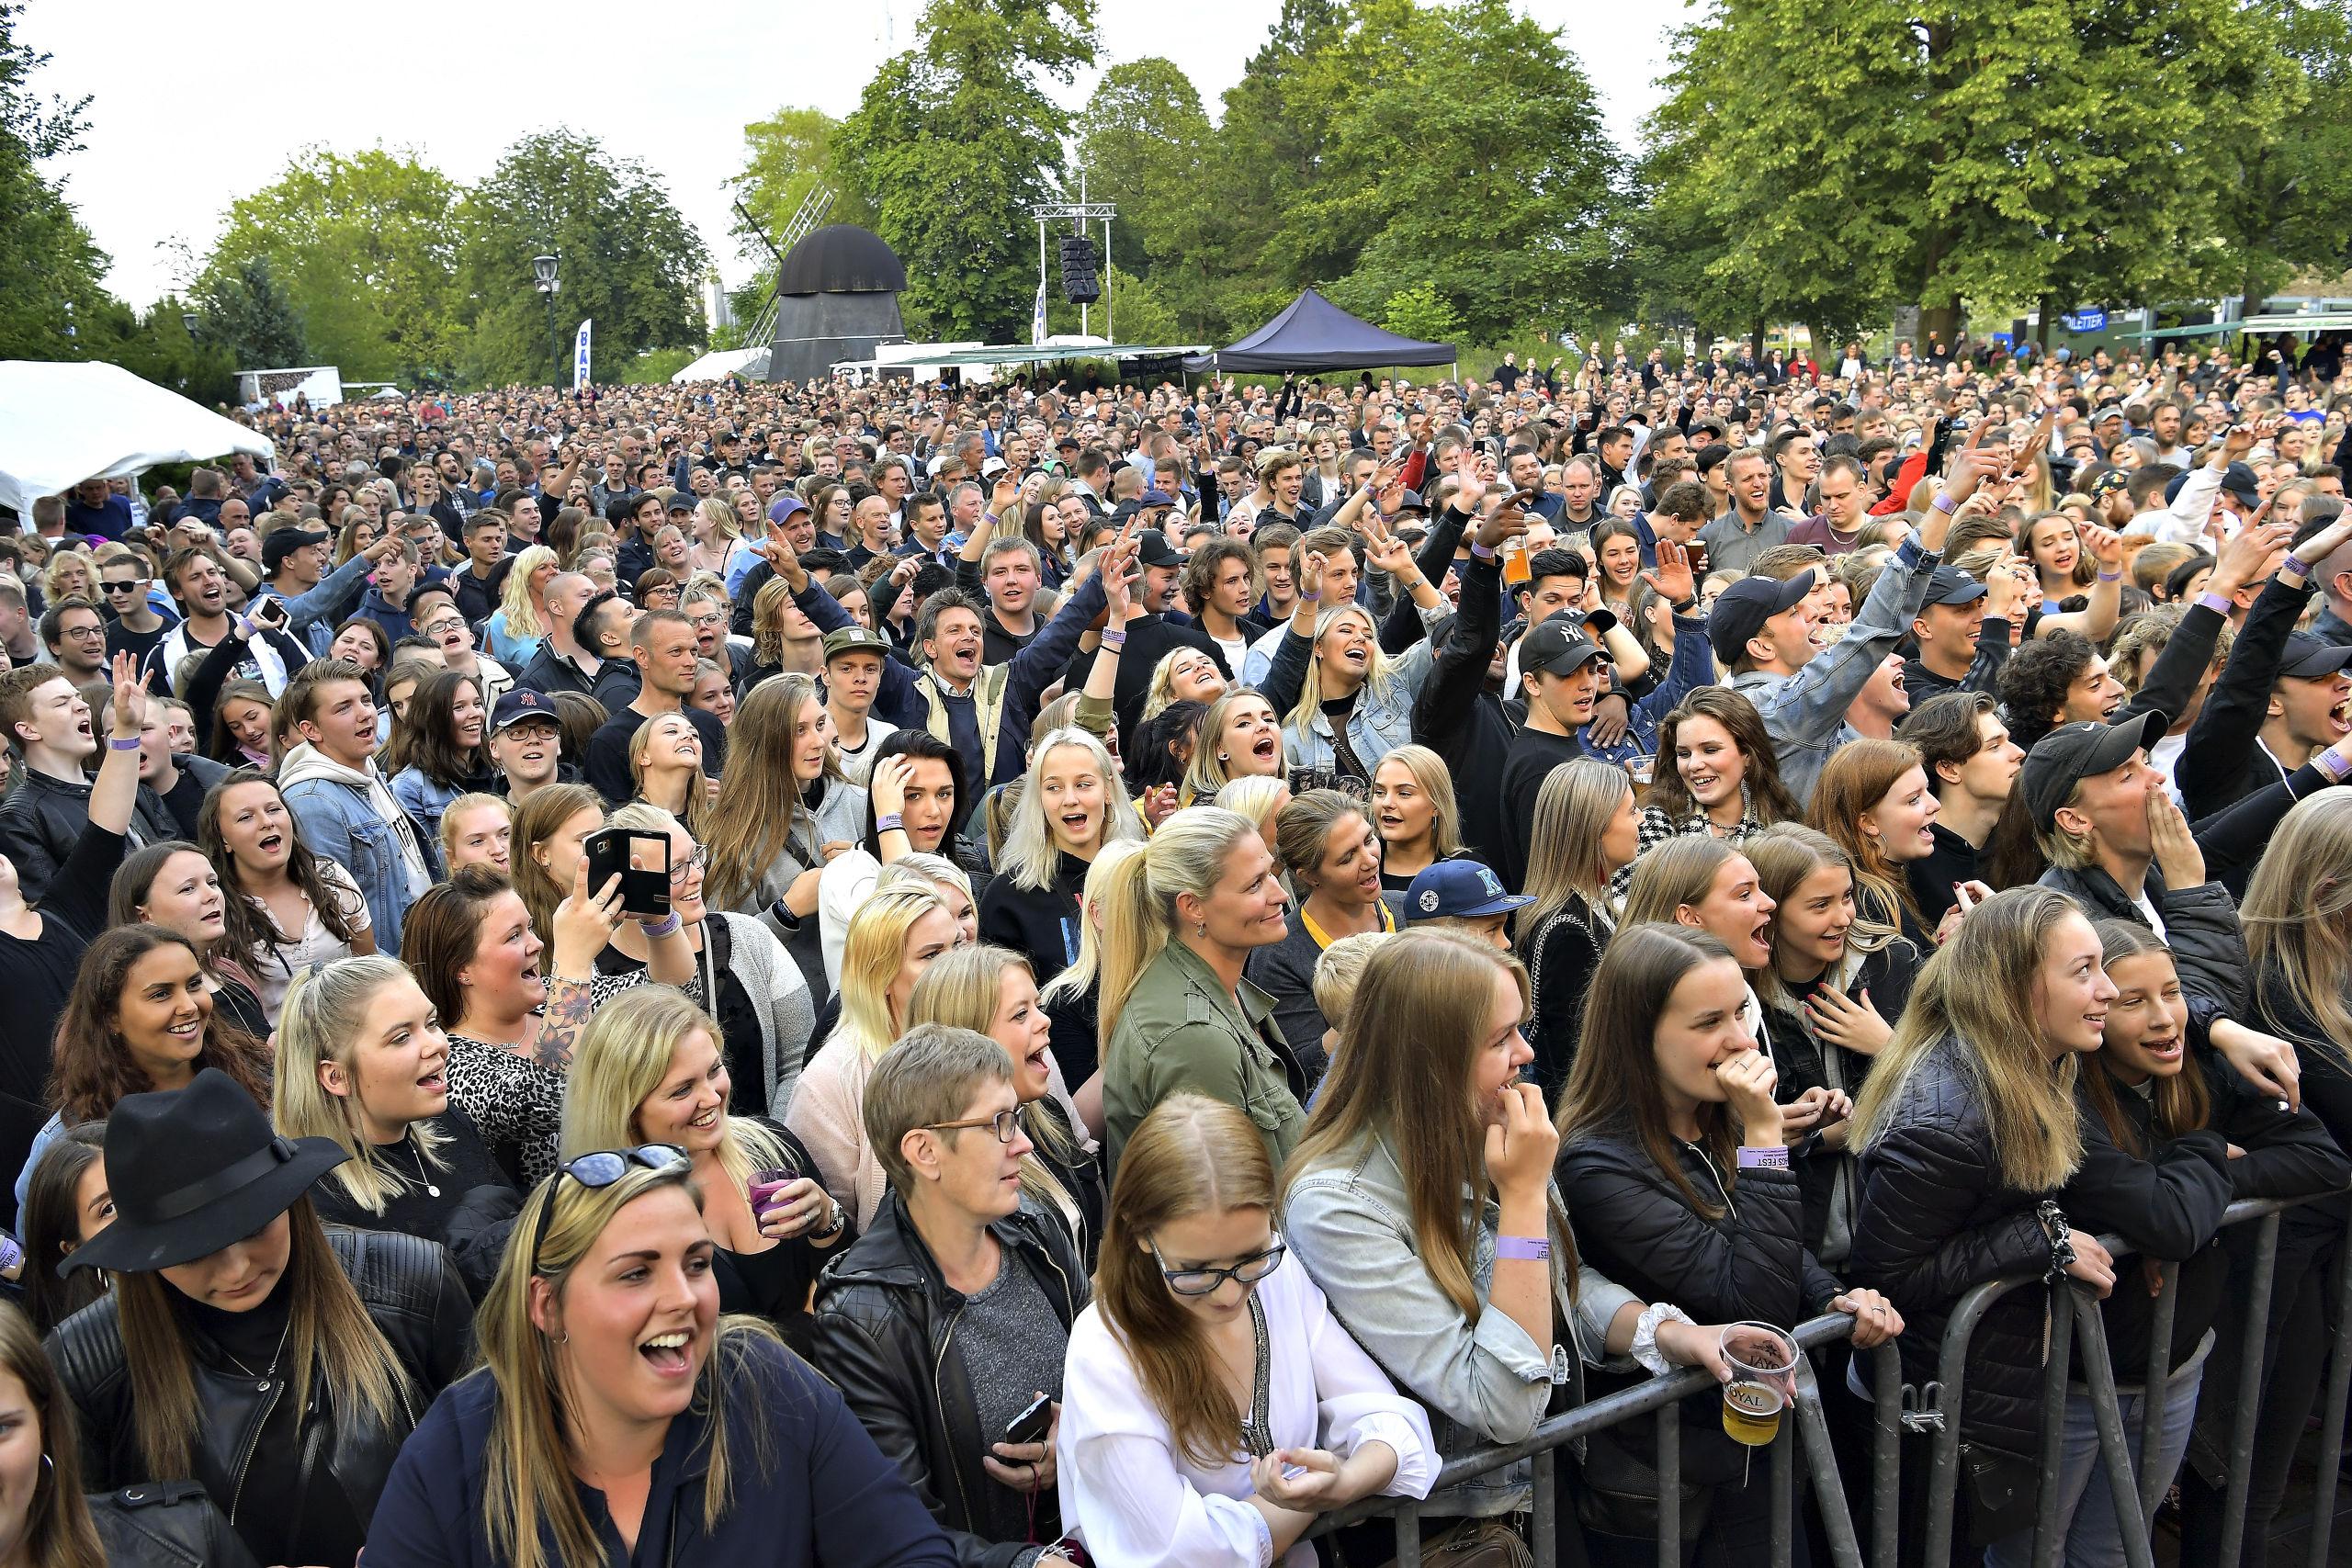 I morgen tager Skråen hul på den hidtil mest ambitiøse sommerkoncertrække. Arkivfoto: Claus Søndberg